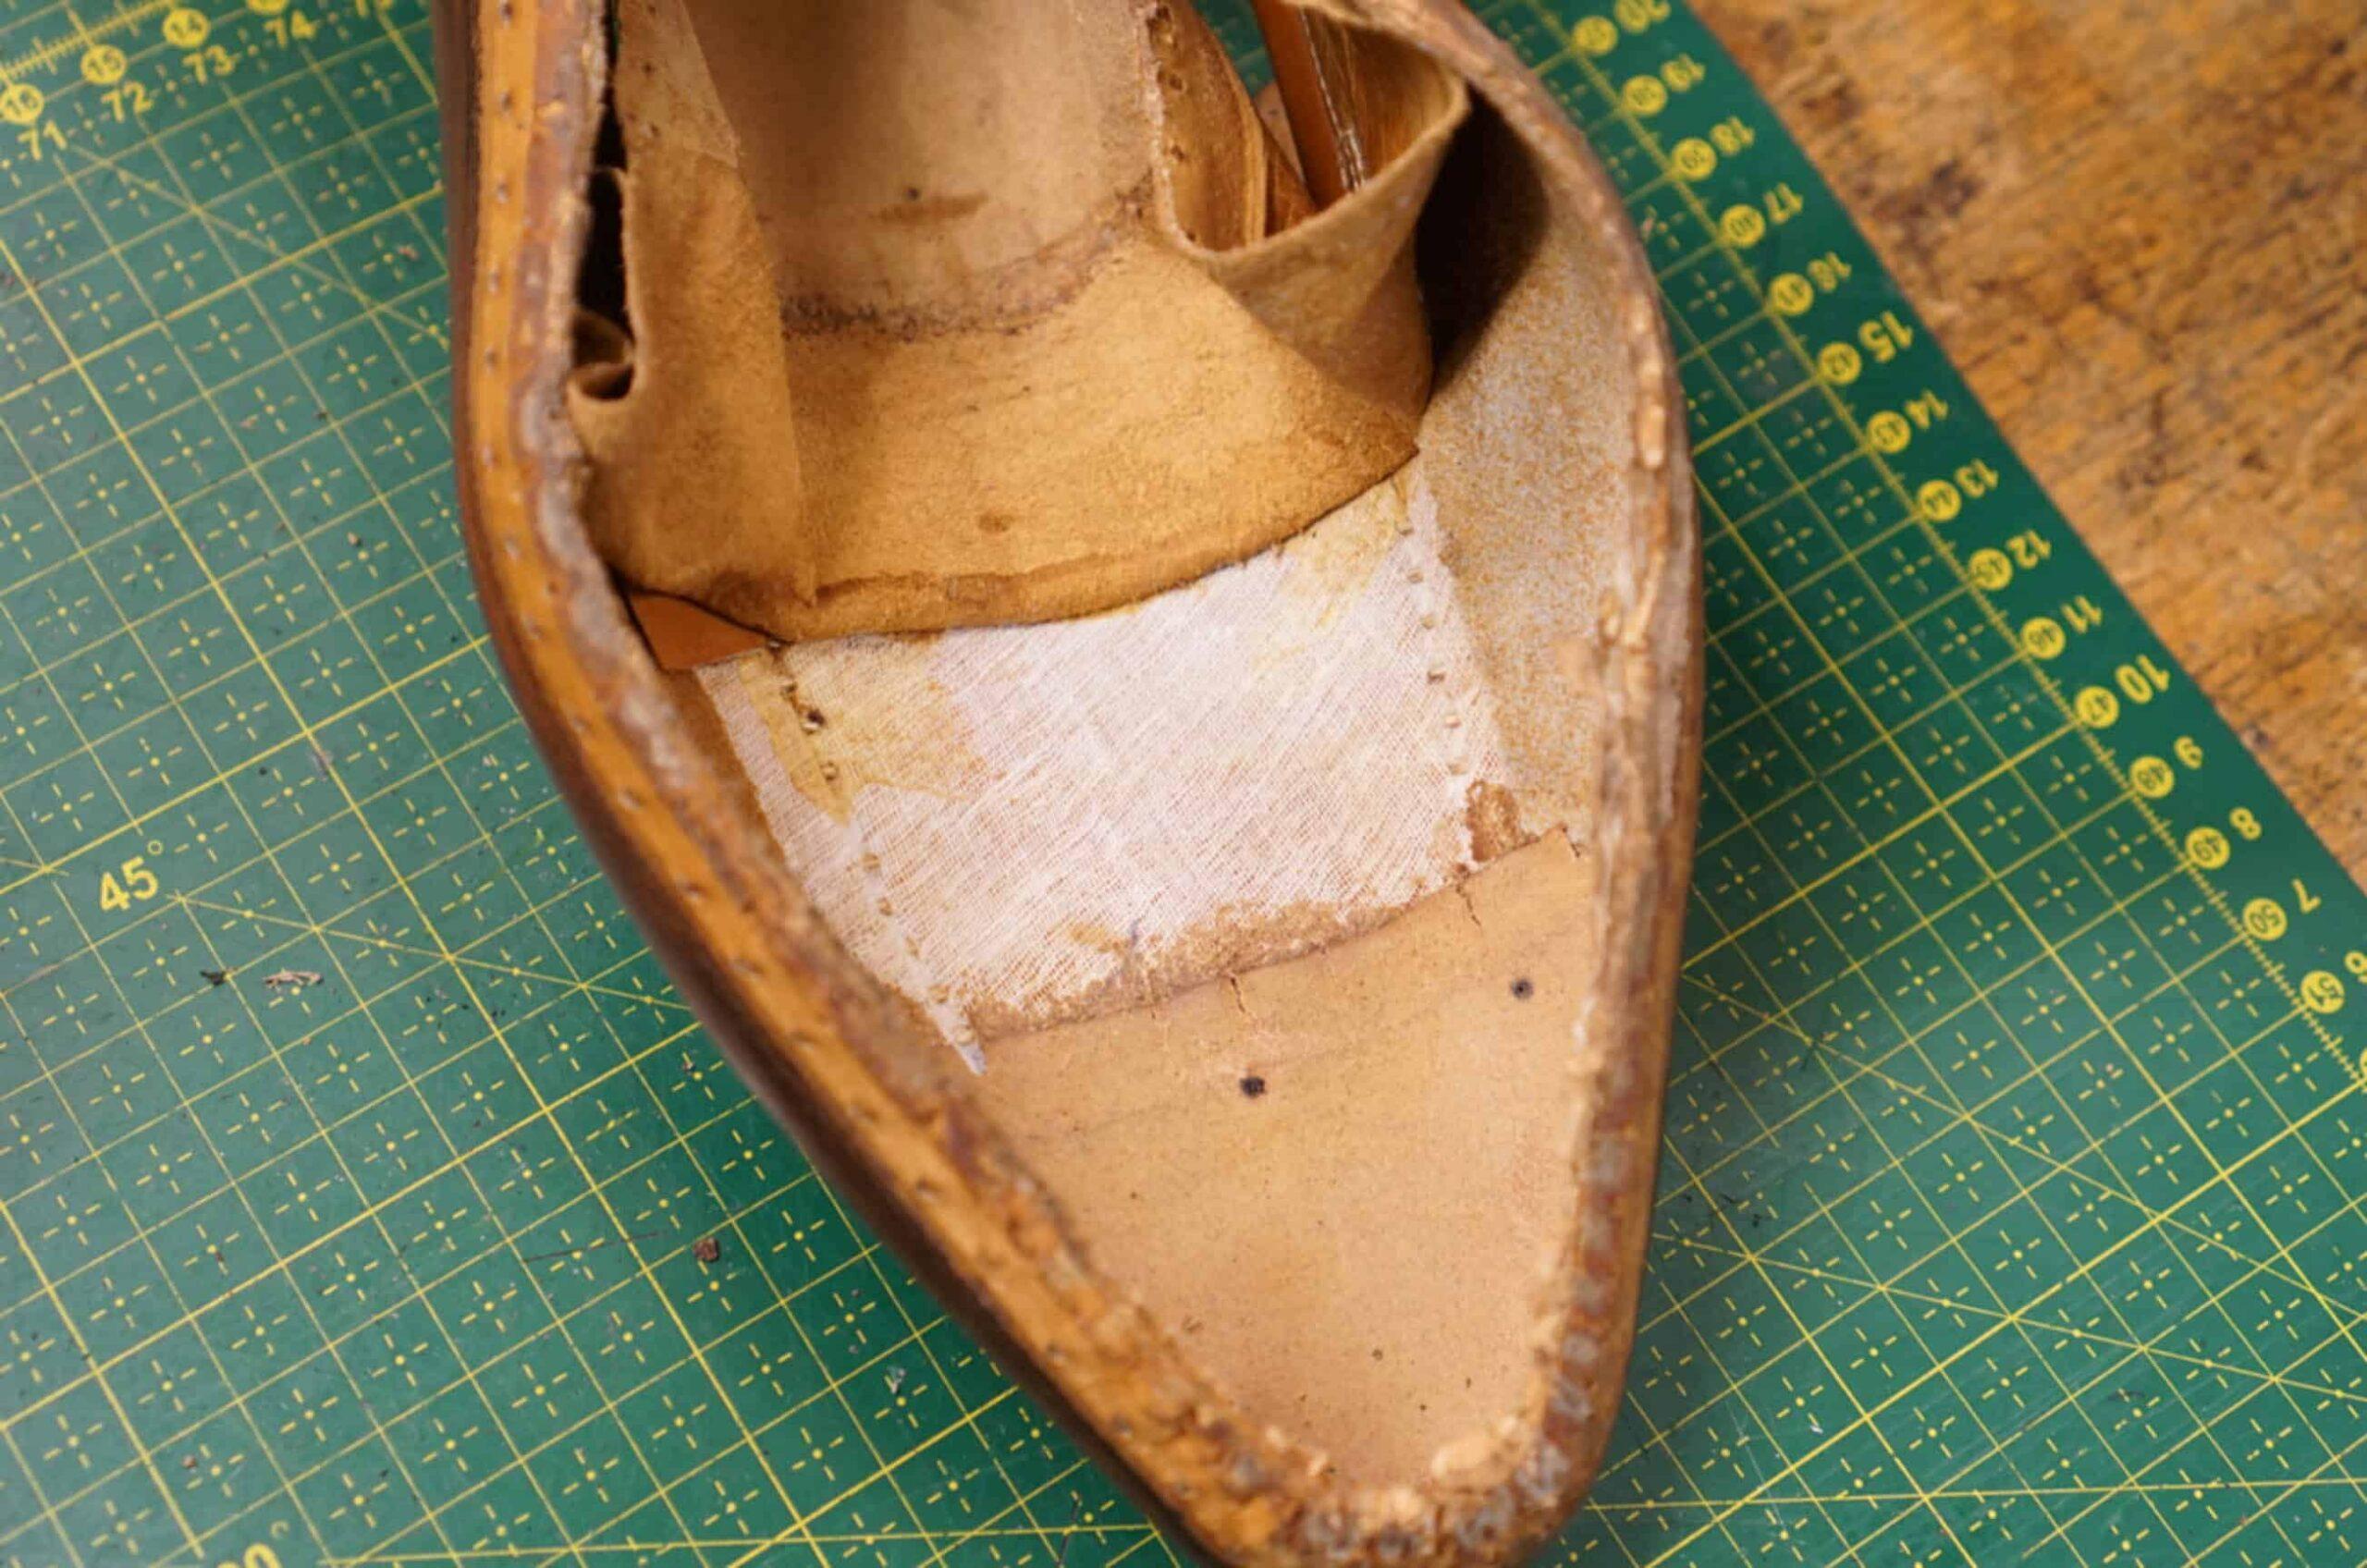 Un bout dur en cuir sur une paire de Paolo Scafora (Source : Shoegazing)